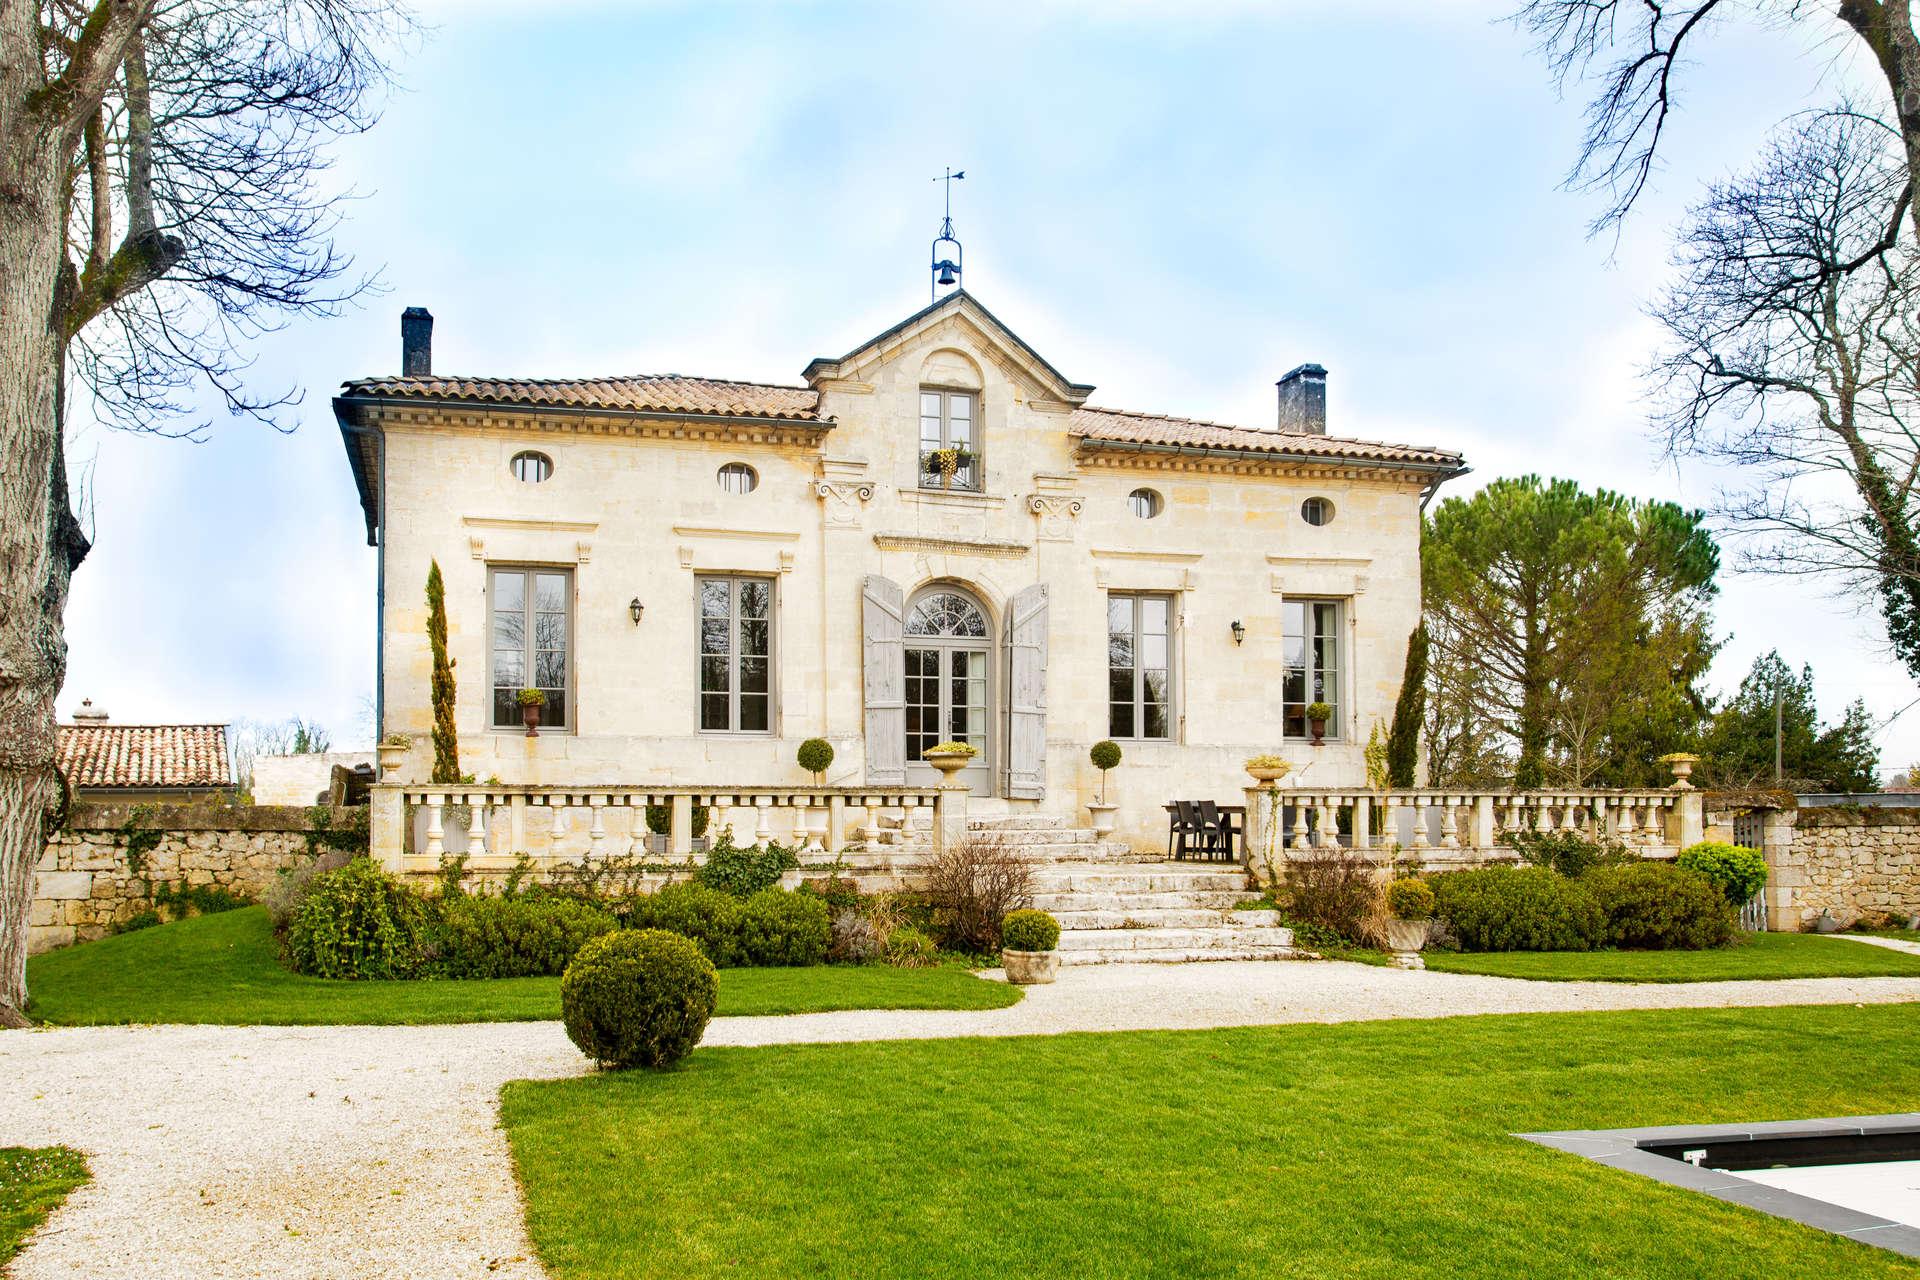 Luxury vacation rentals europe - France - Southwest france - Bord eaux - Clos des Camps - Image 1/21